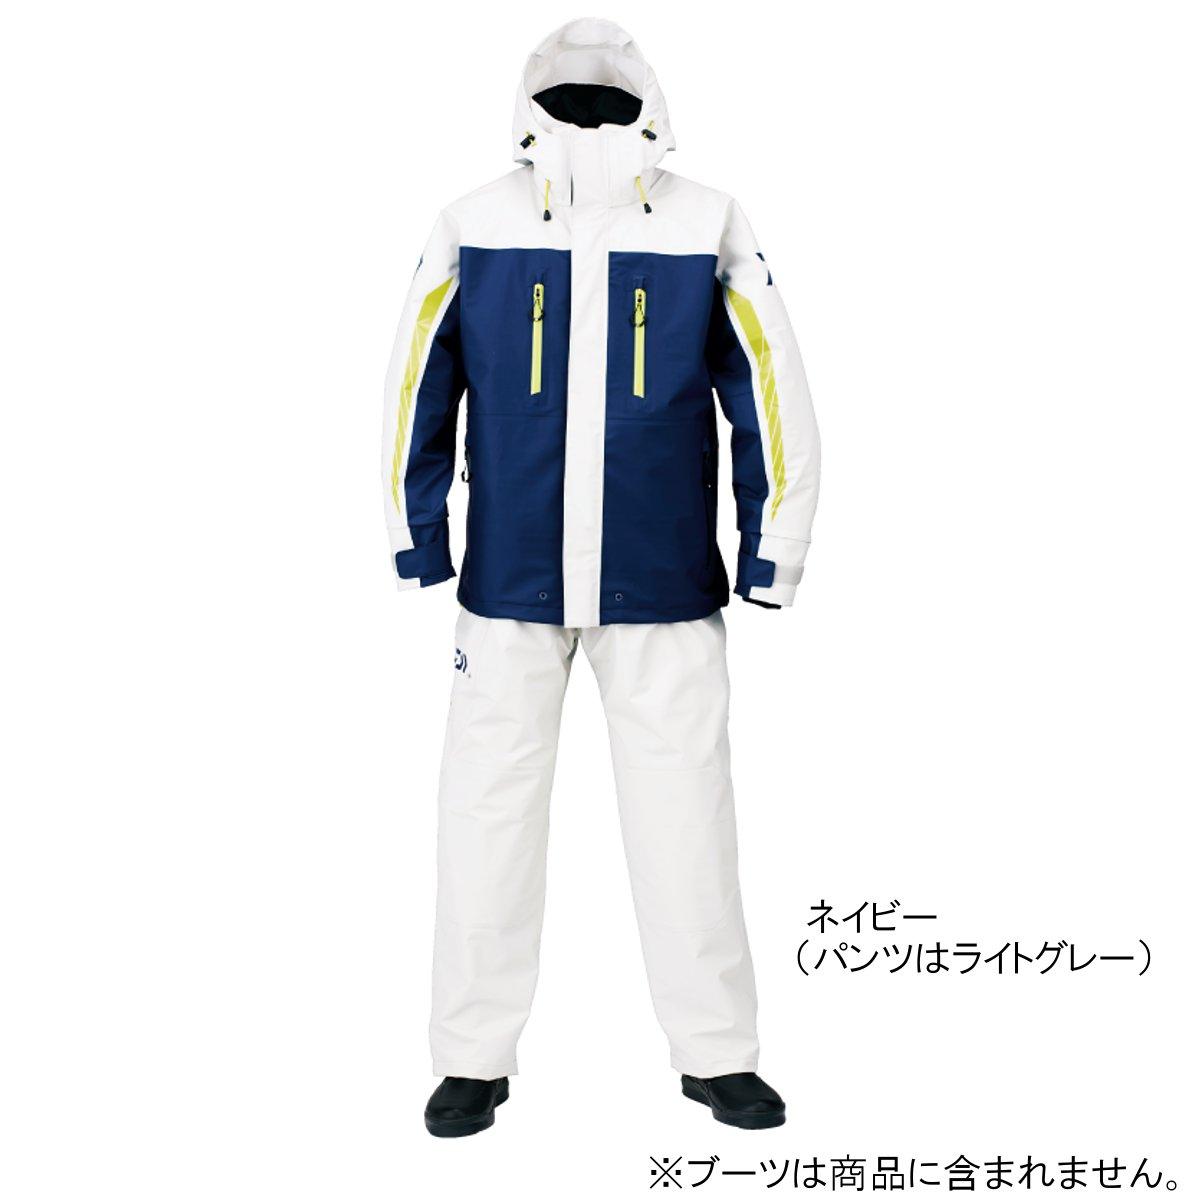 ダイワ PUオーシャンサロペットレインスーツ DR-6007 L ネイビー(東日本店)